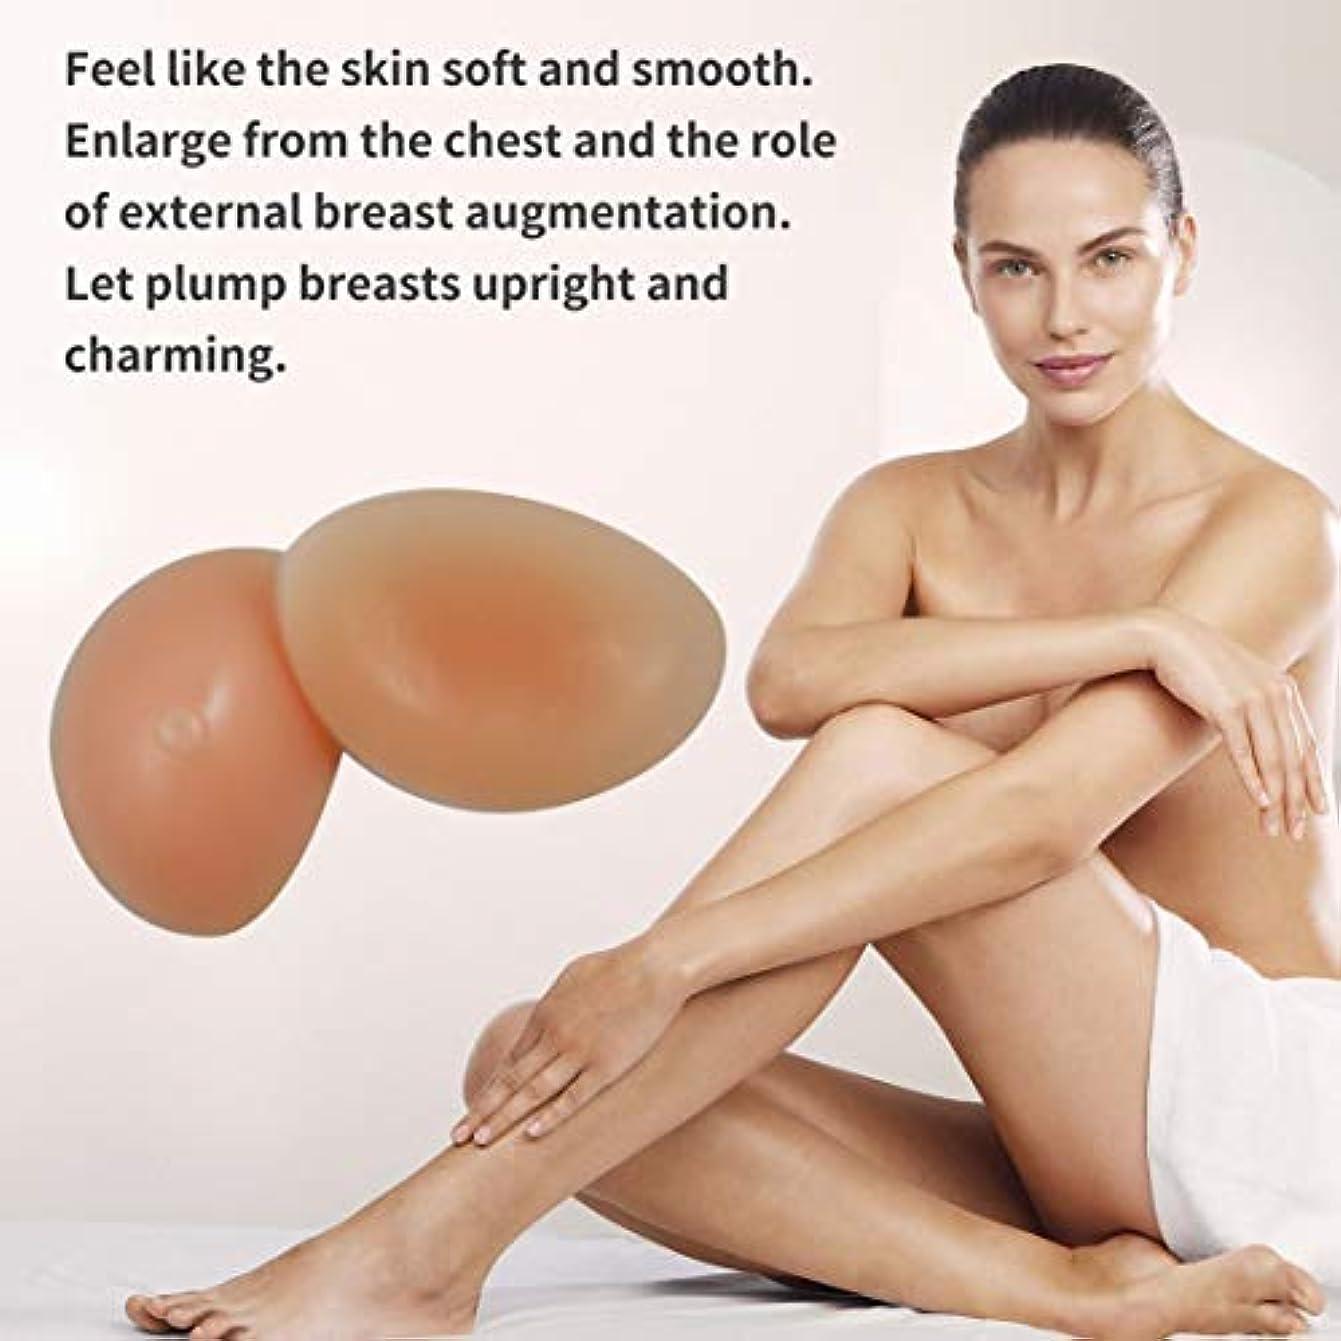 バーターリールいろいろシリコーンフォーム偽乳房エンハンサープッシュアップパッドブースターブラインサート人工乳房リアルな防水シリコーン乳房フォーム